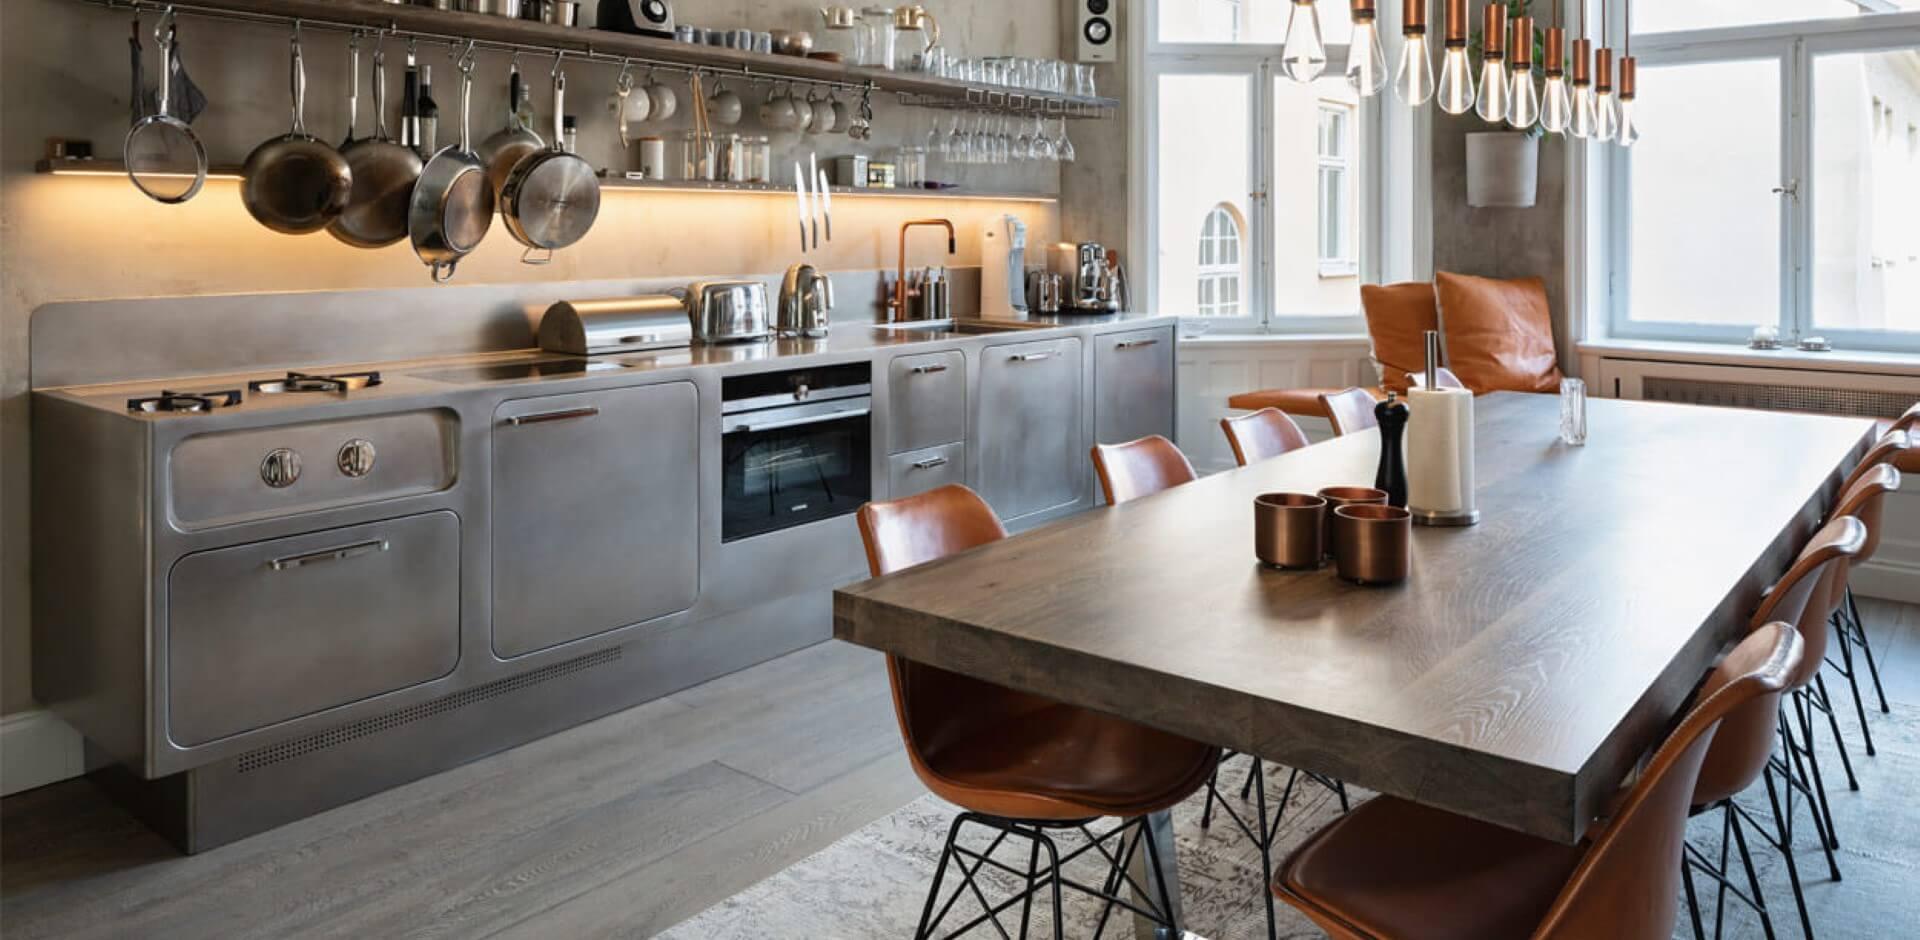 Abimis Project - Cocinas acero inoxidable